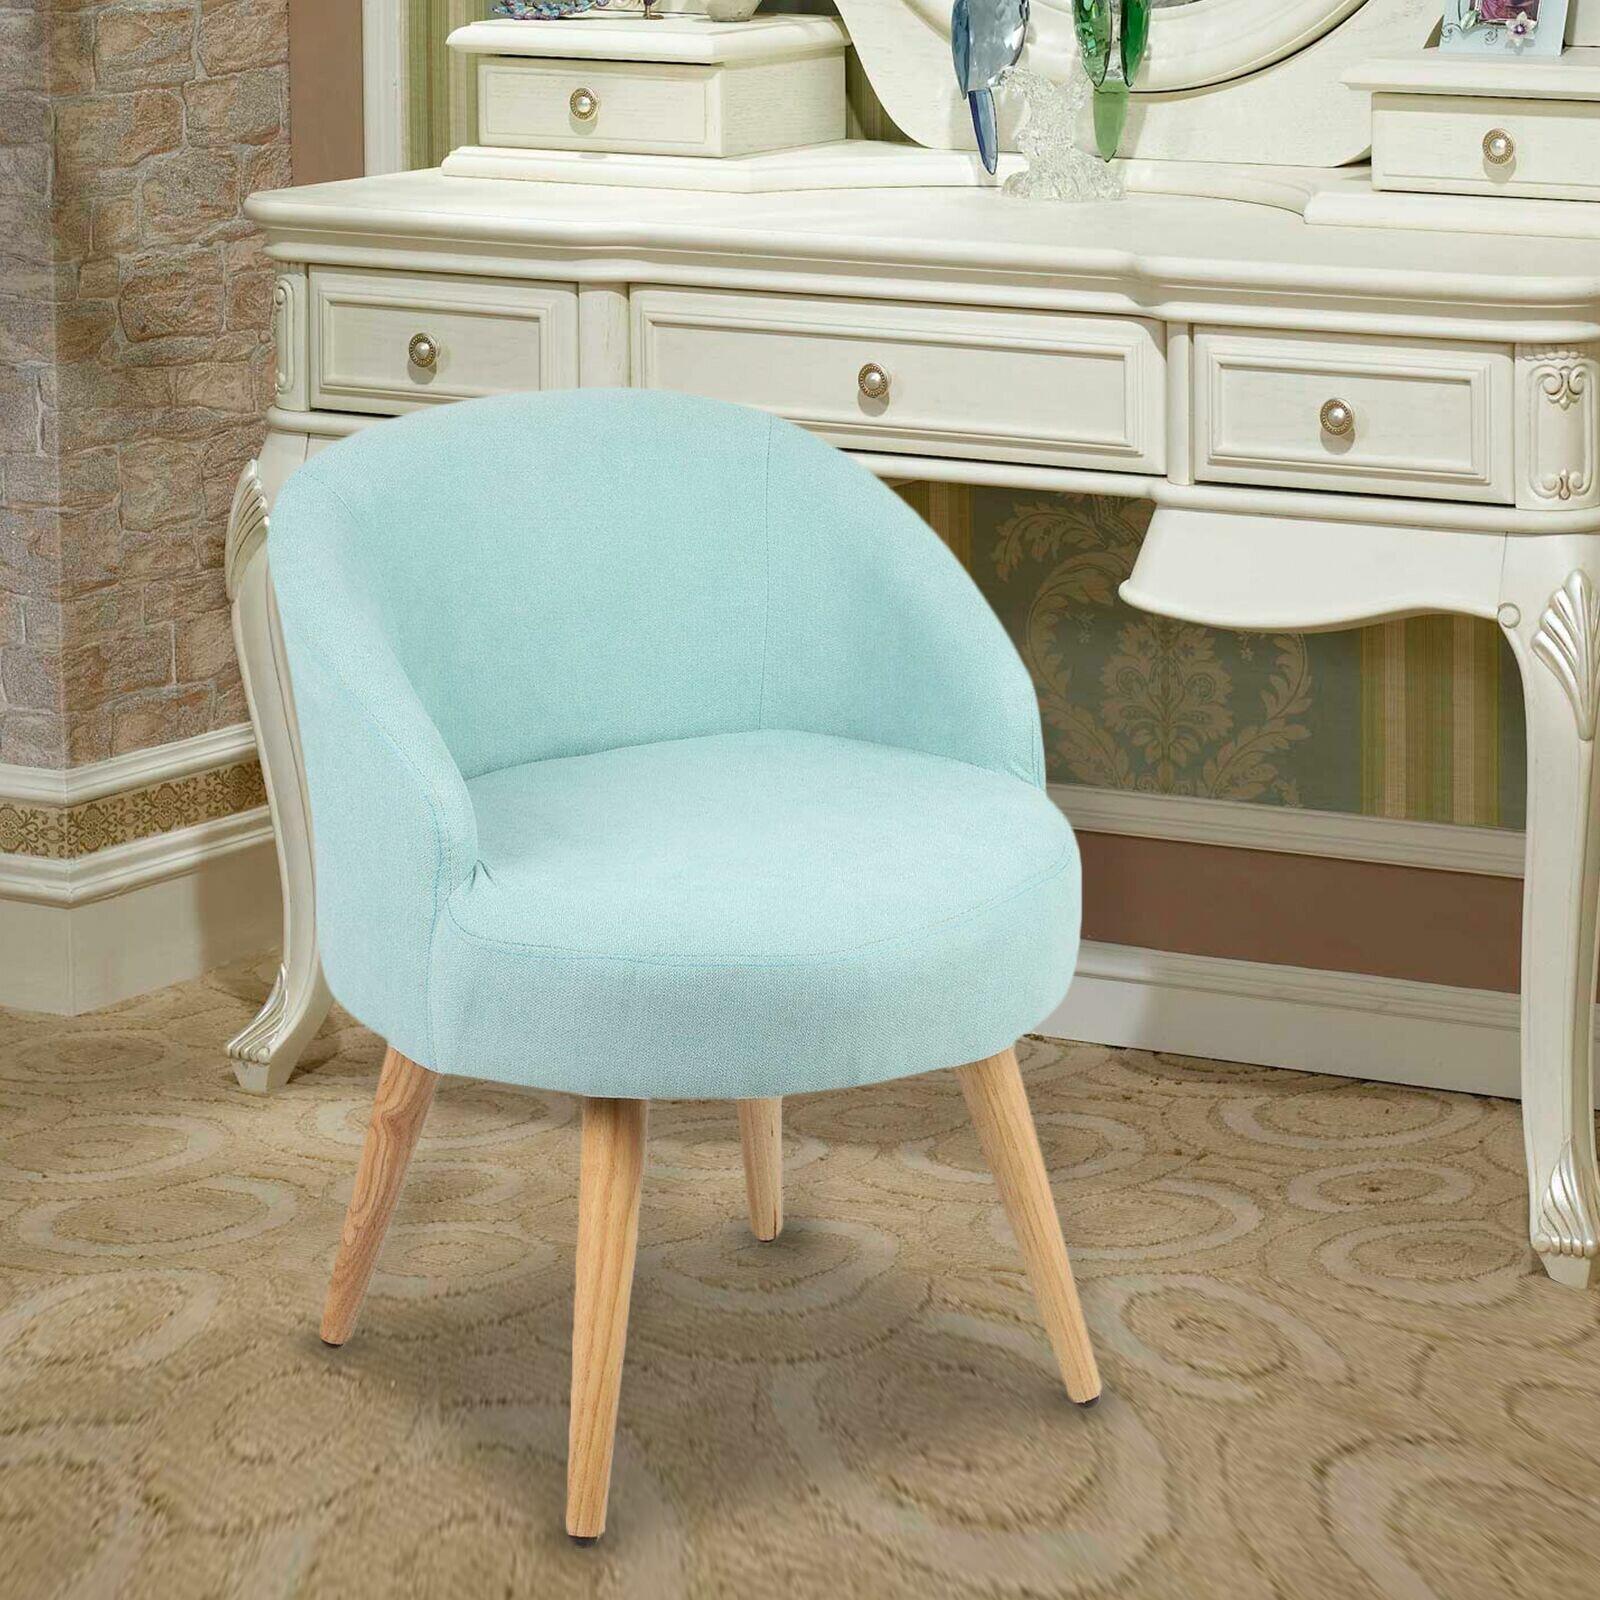 Wrought Studio Berrand Solid Wood Vanity Stool Reviews Wayfair